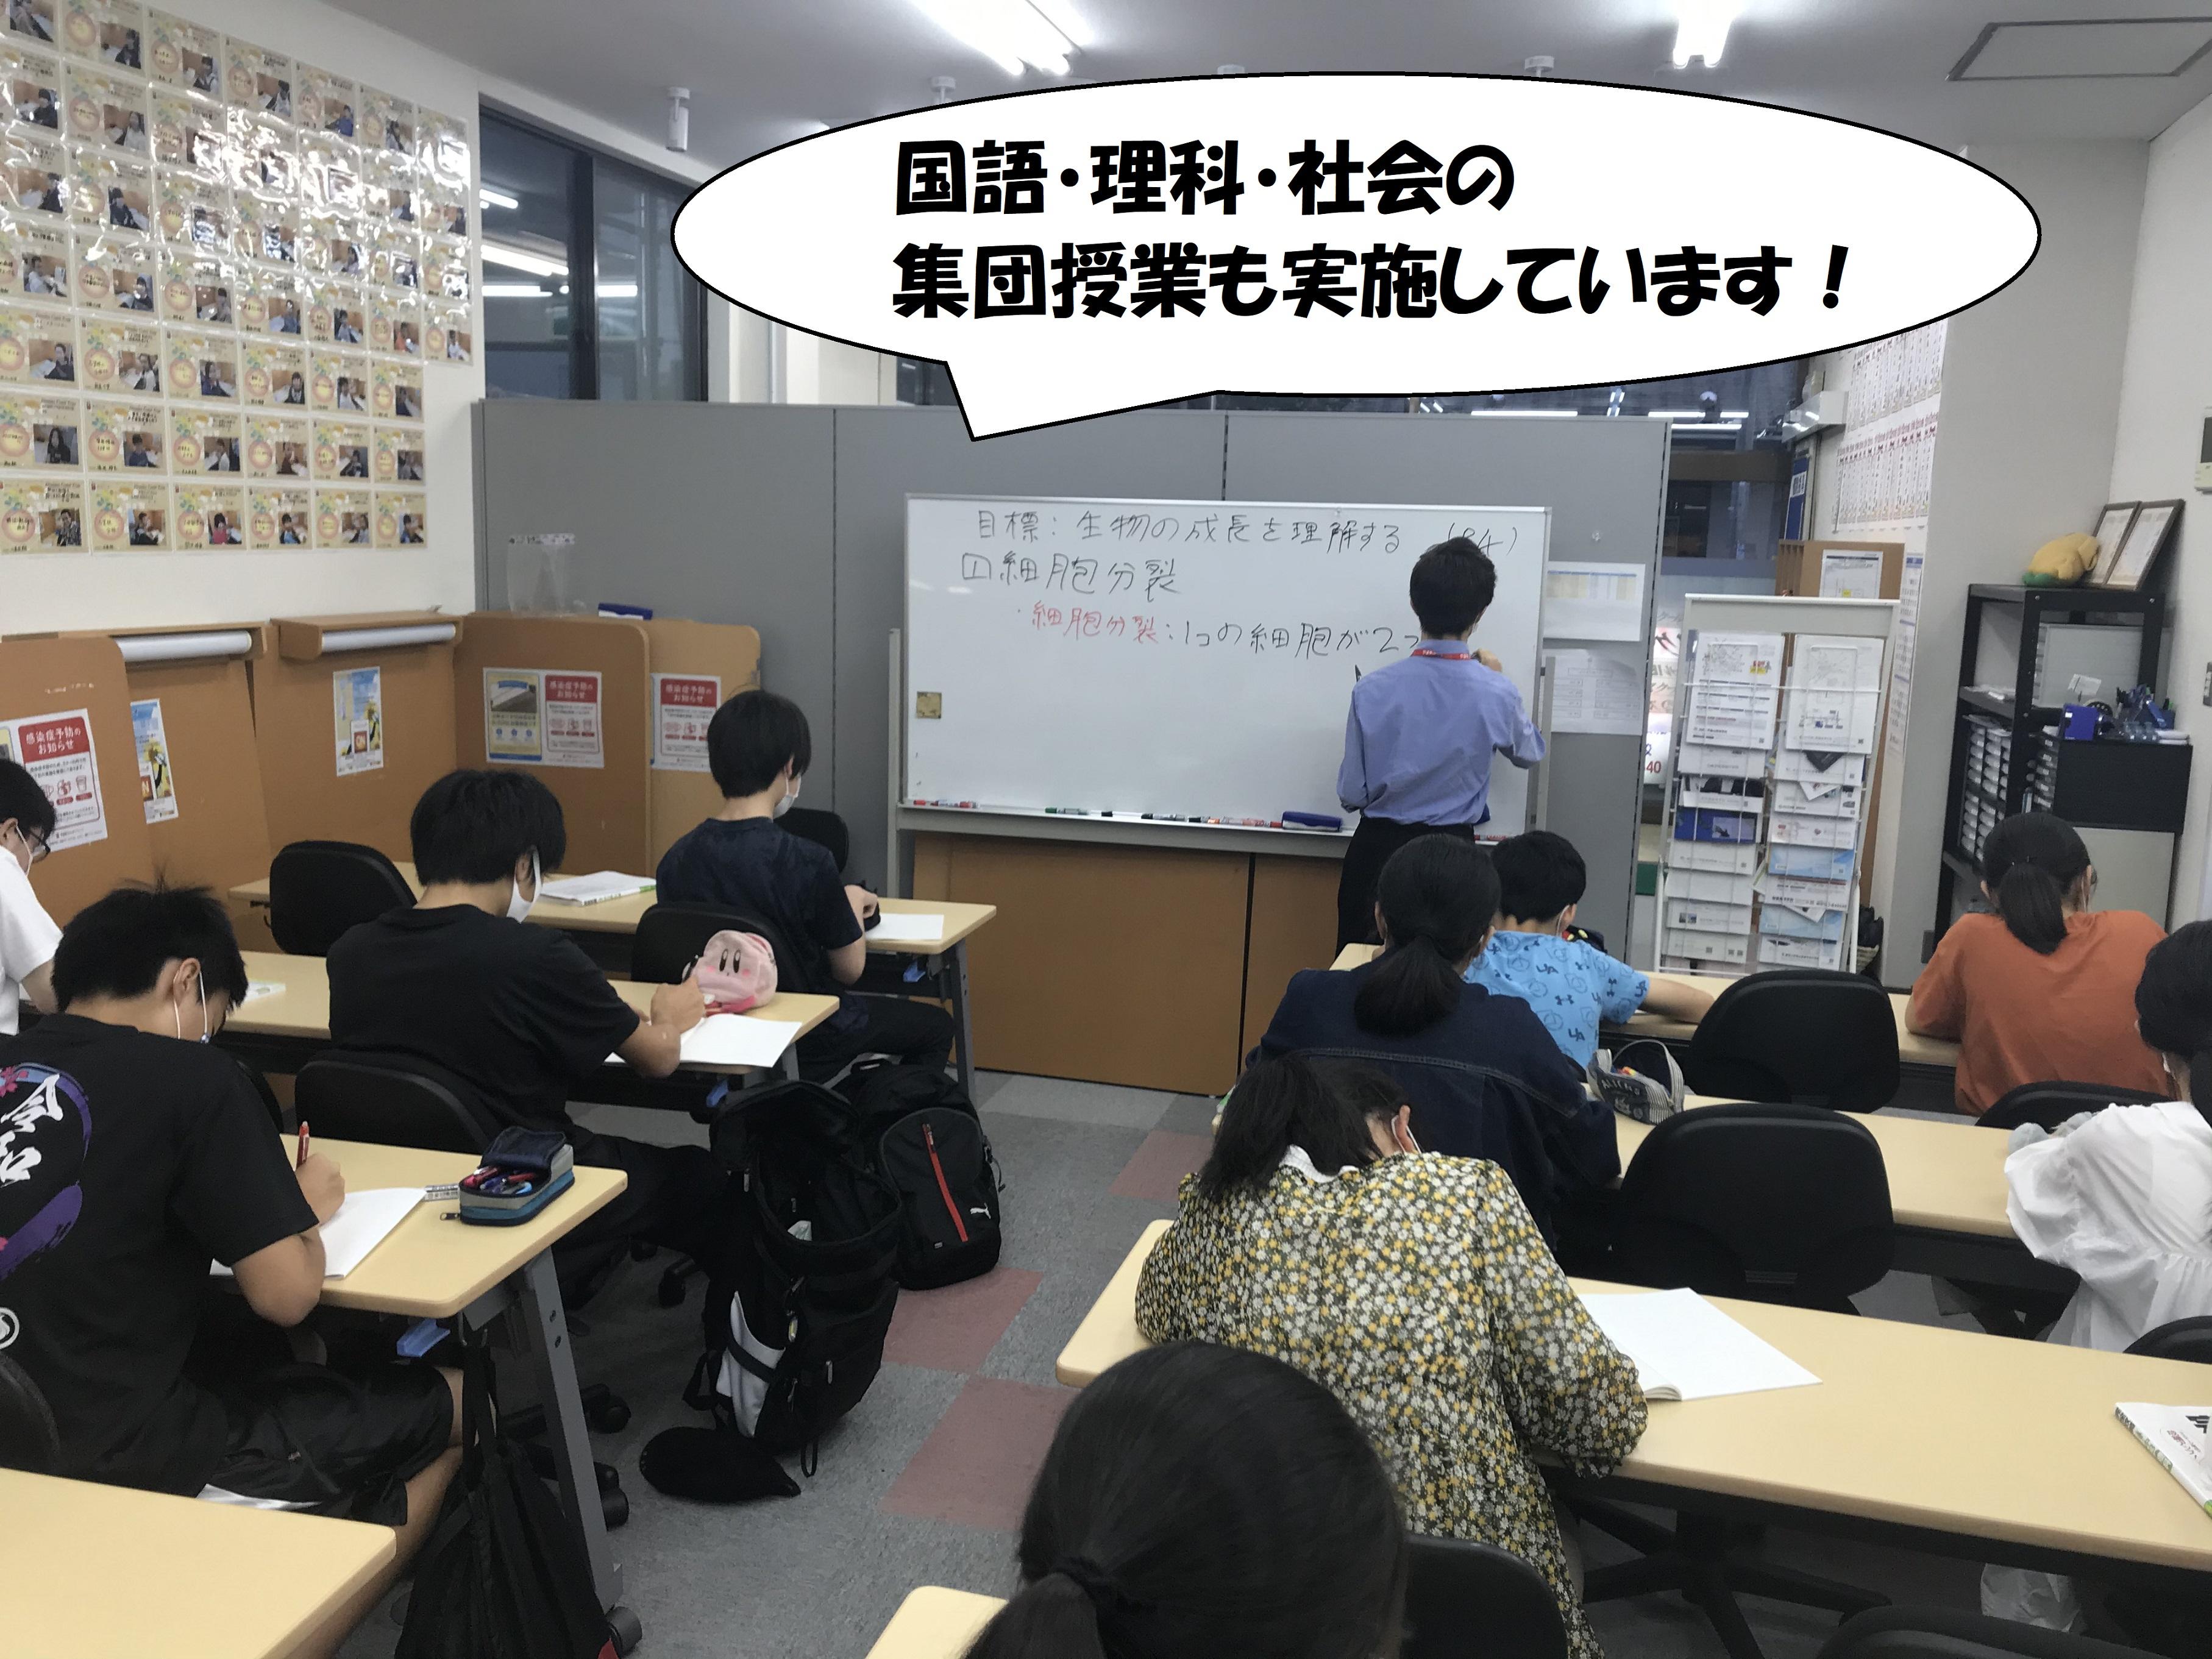 上北台校【スクールIE】 | 個別指導・学習塾 | 東京都東大和市